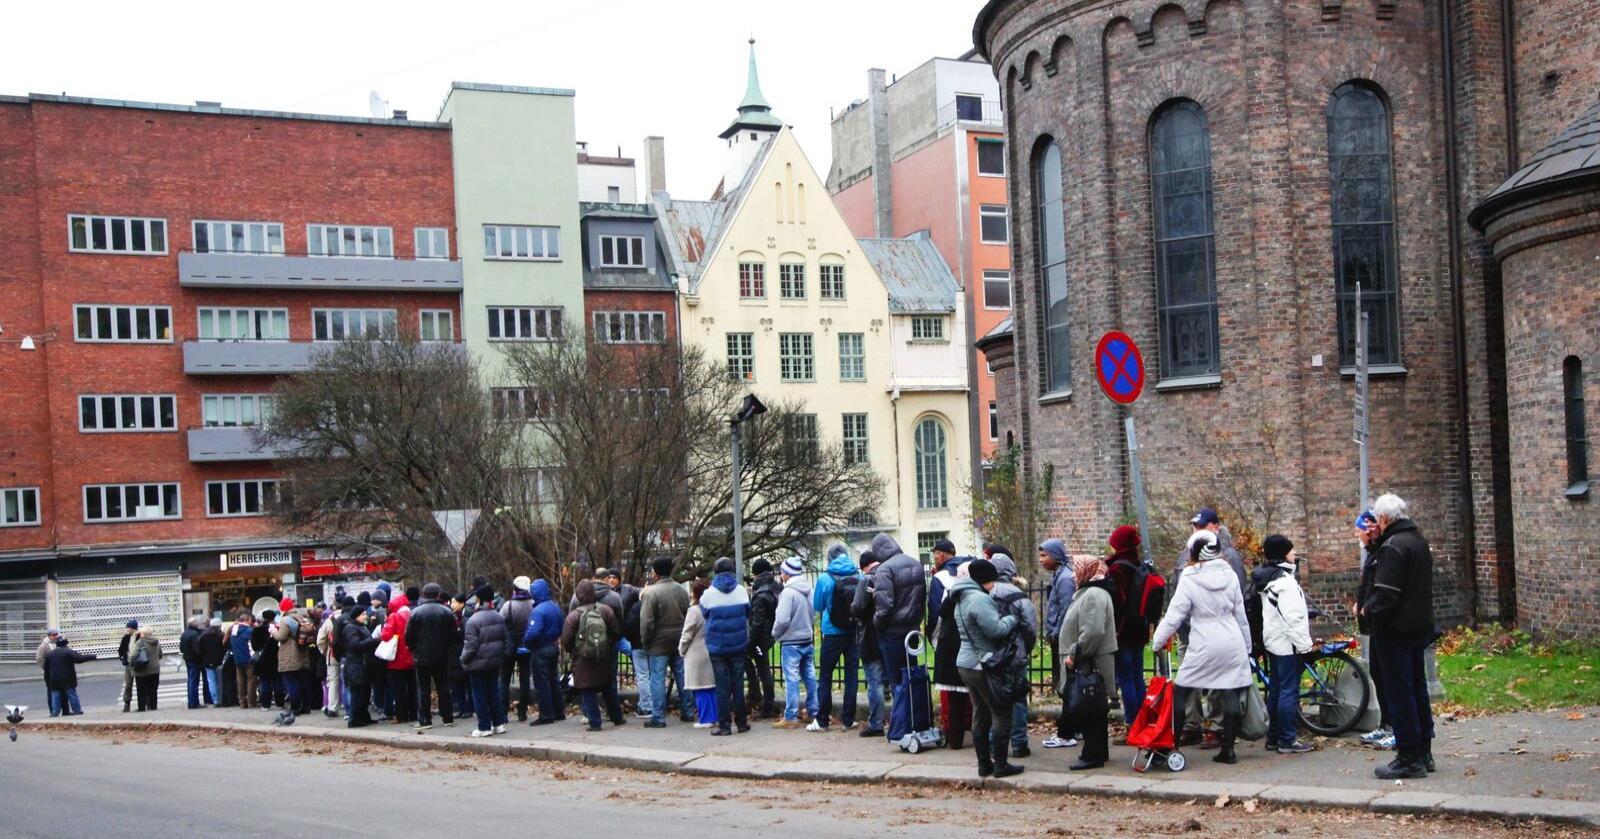 Kø-påske: Mens noen står i kø for å sikre seg rådyre hytter på fjellet, står andre i matkø foran Fattighuset. Sådan er Forskjells-Norge. Foto: Rolf Øhman